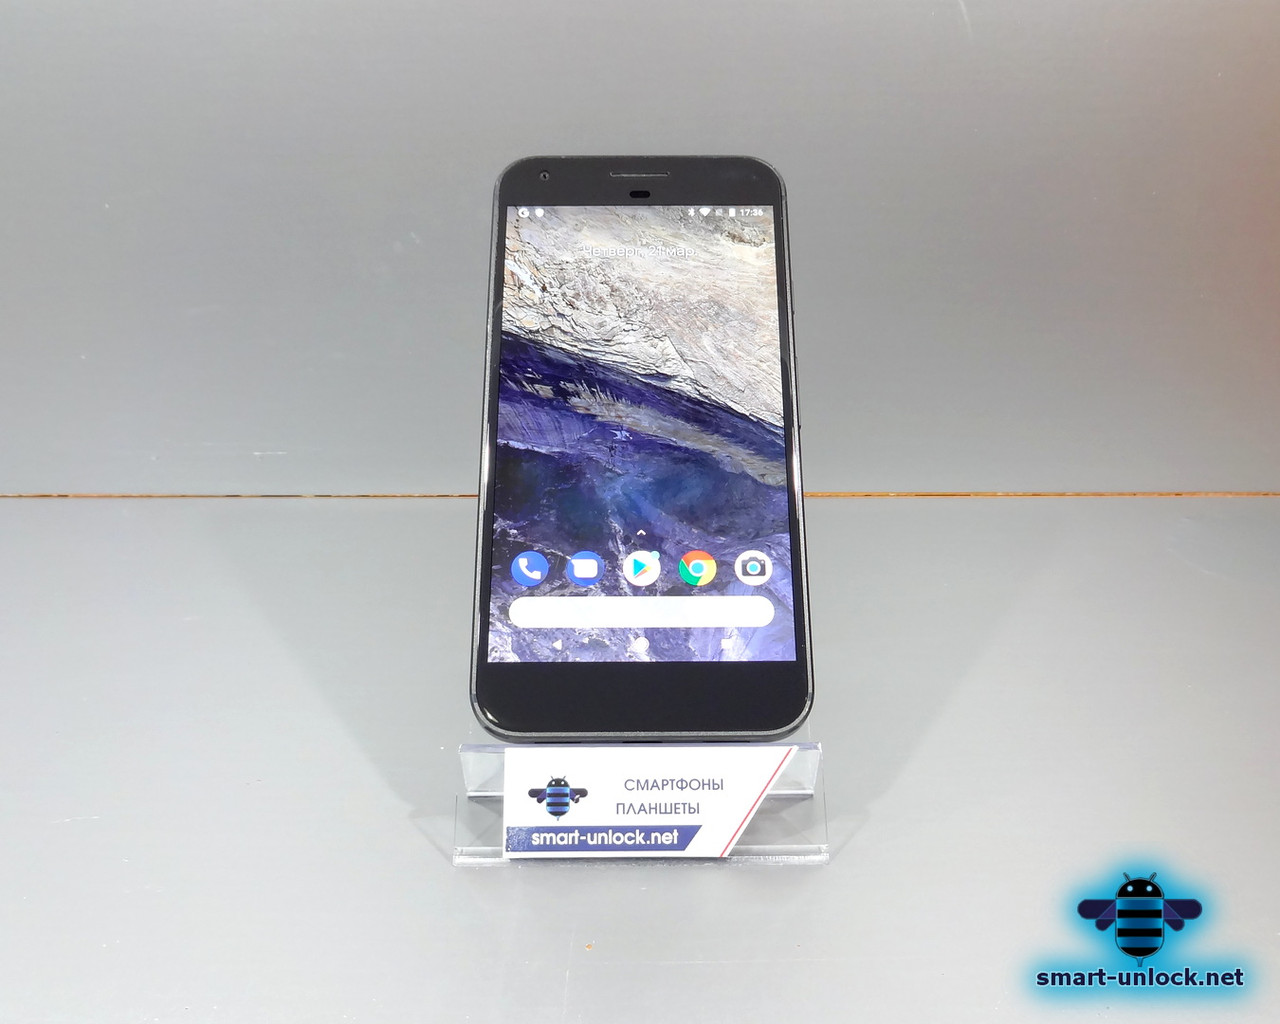 Телефон, смартфон Google Pixel XL 32Gb Покупка без риска, гарантия!